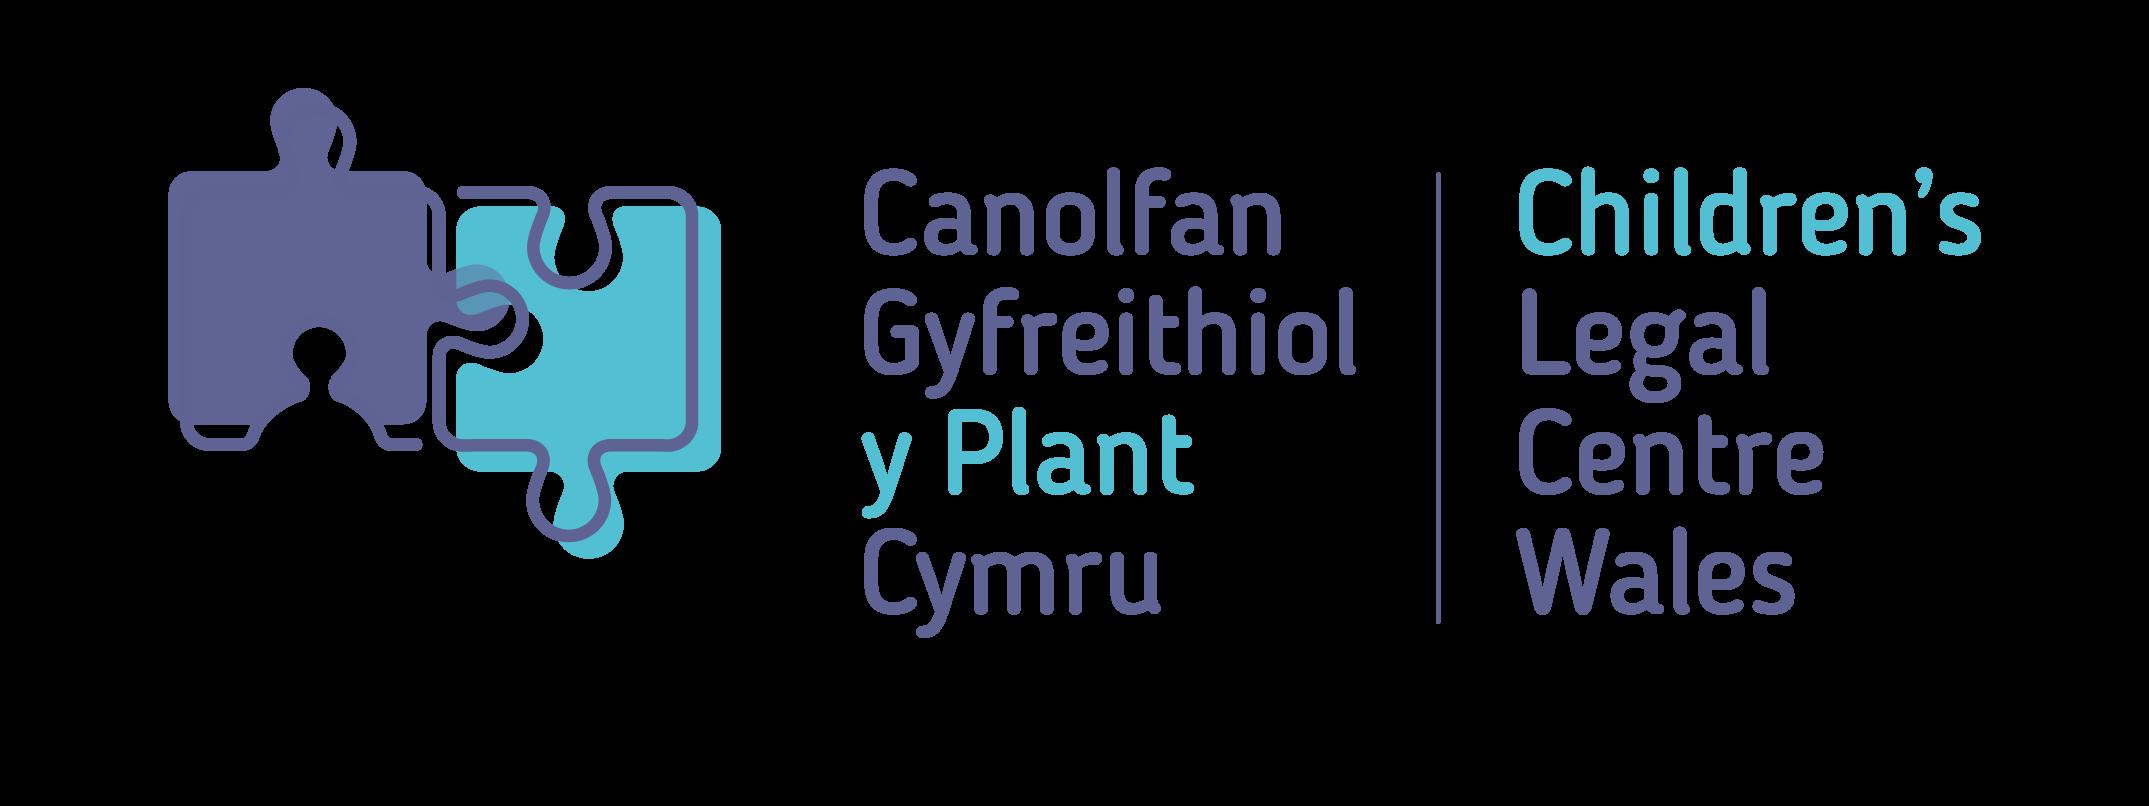 Children's Legal Centre Wales